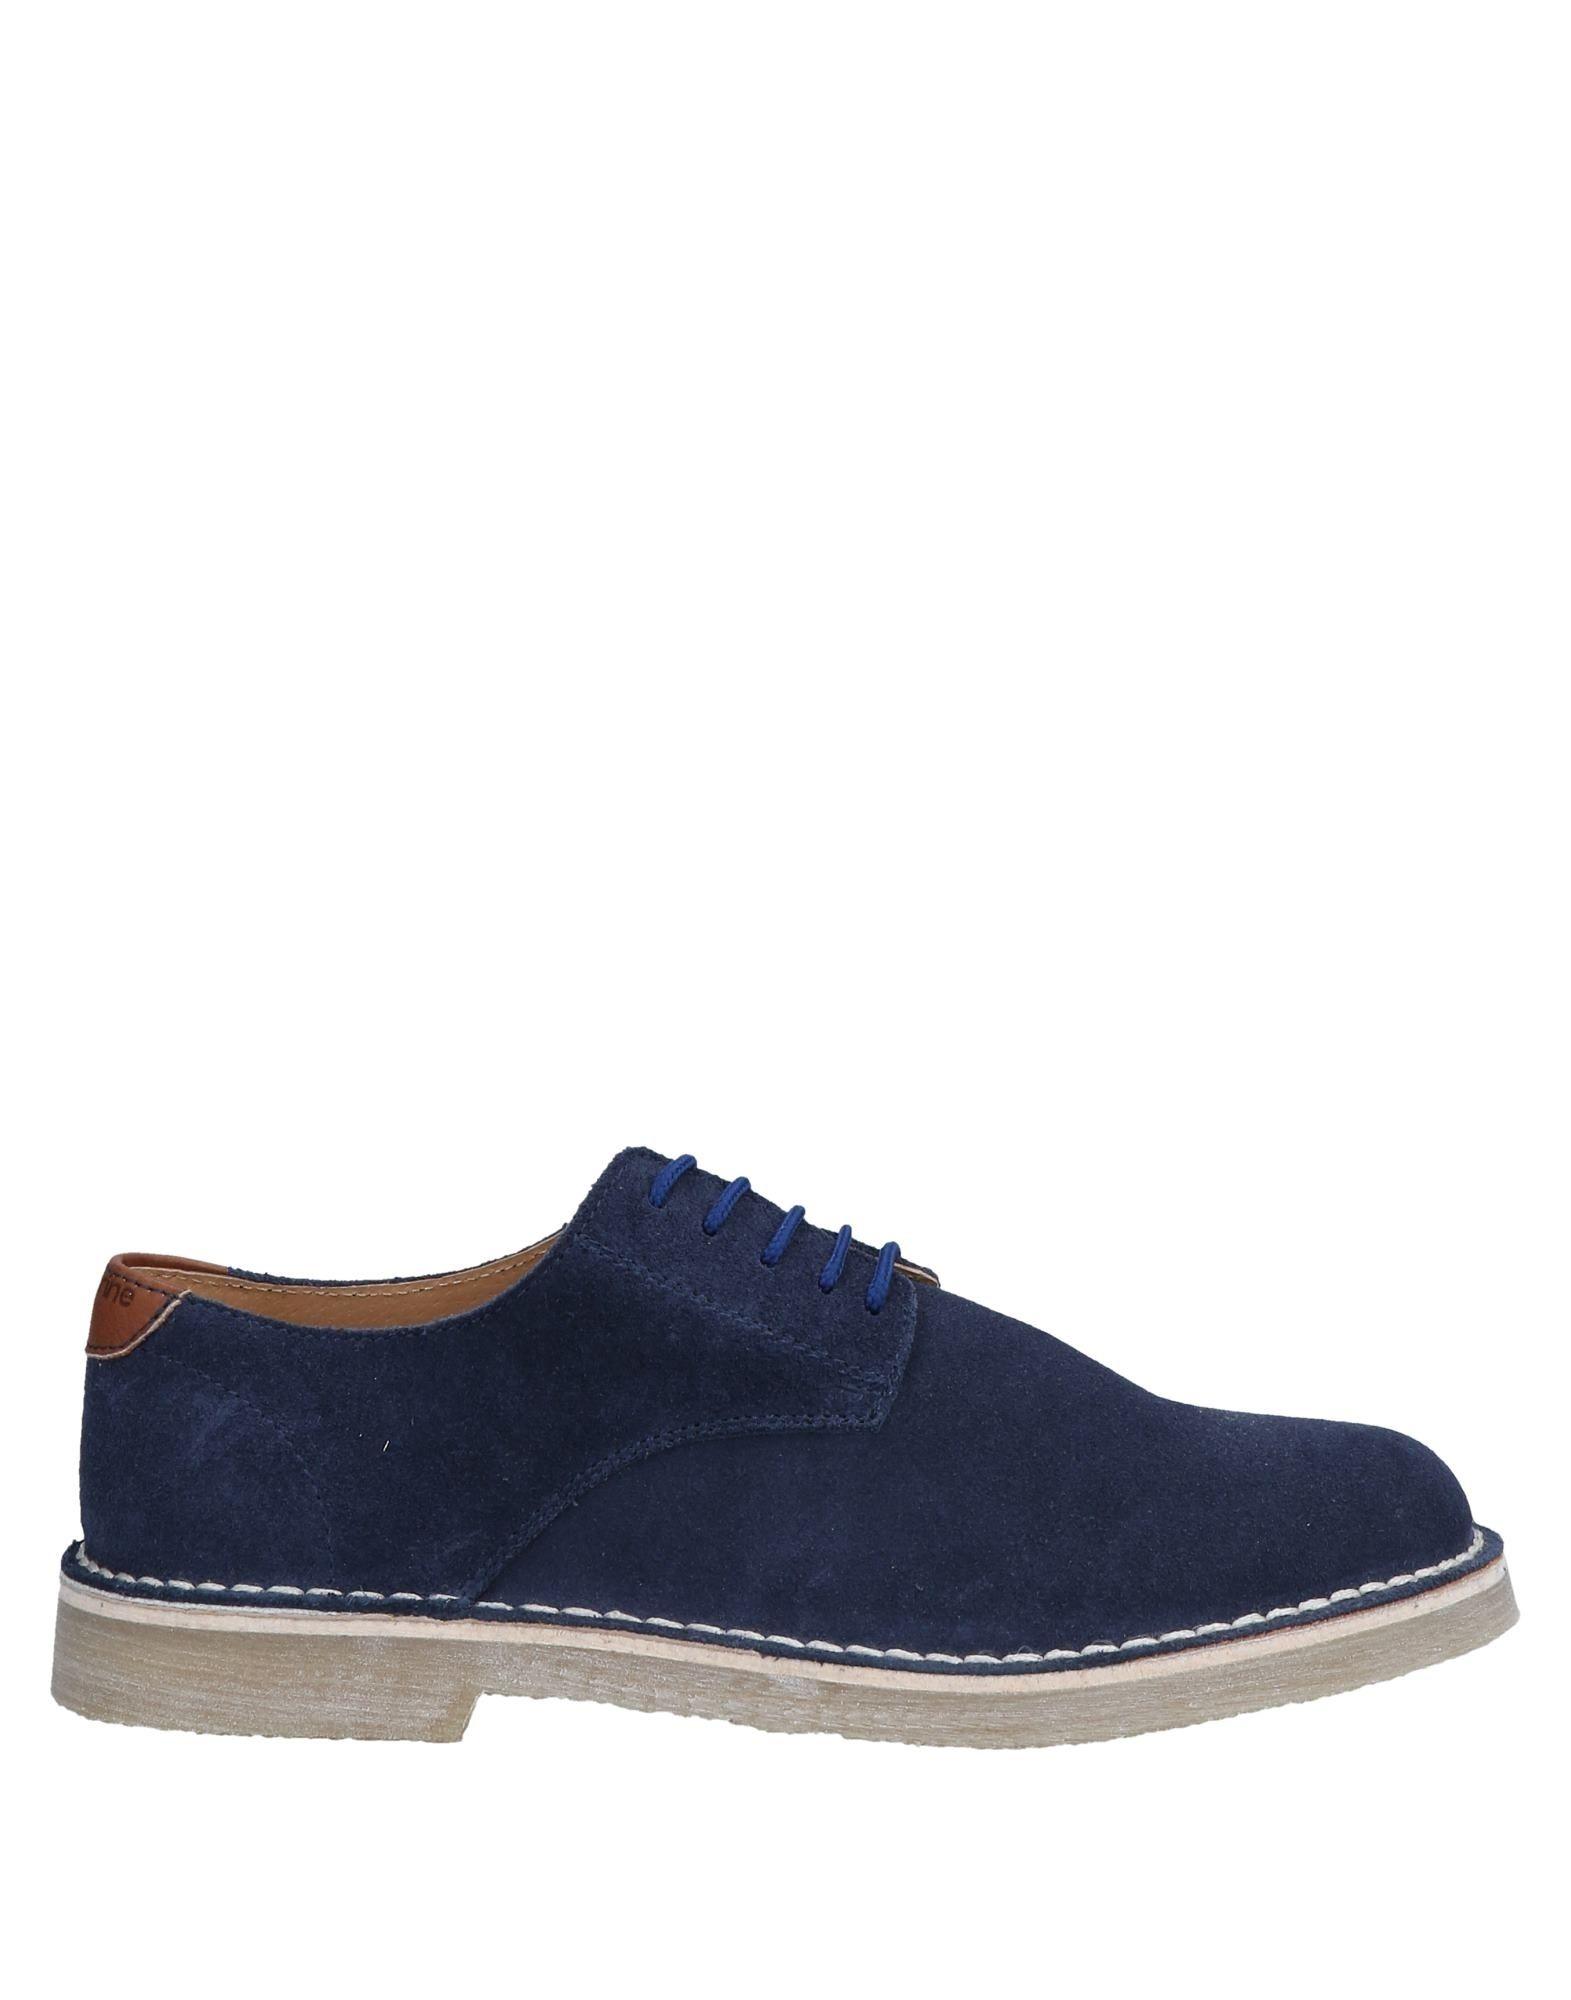 Фото - SUBMARINE Обувь на шнурках обувь на высокой платформе dkny